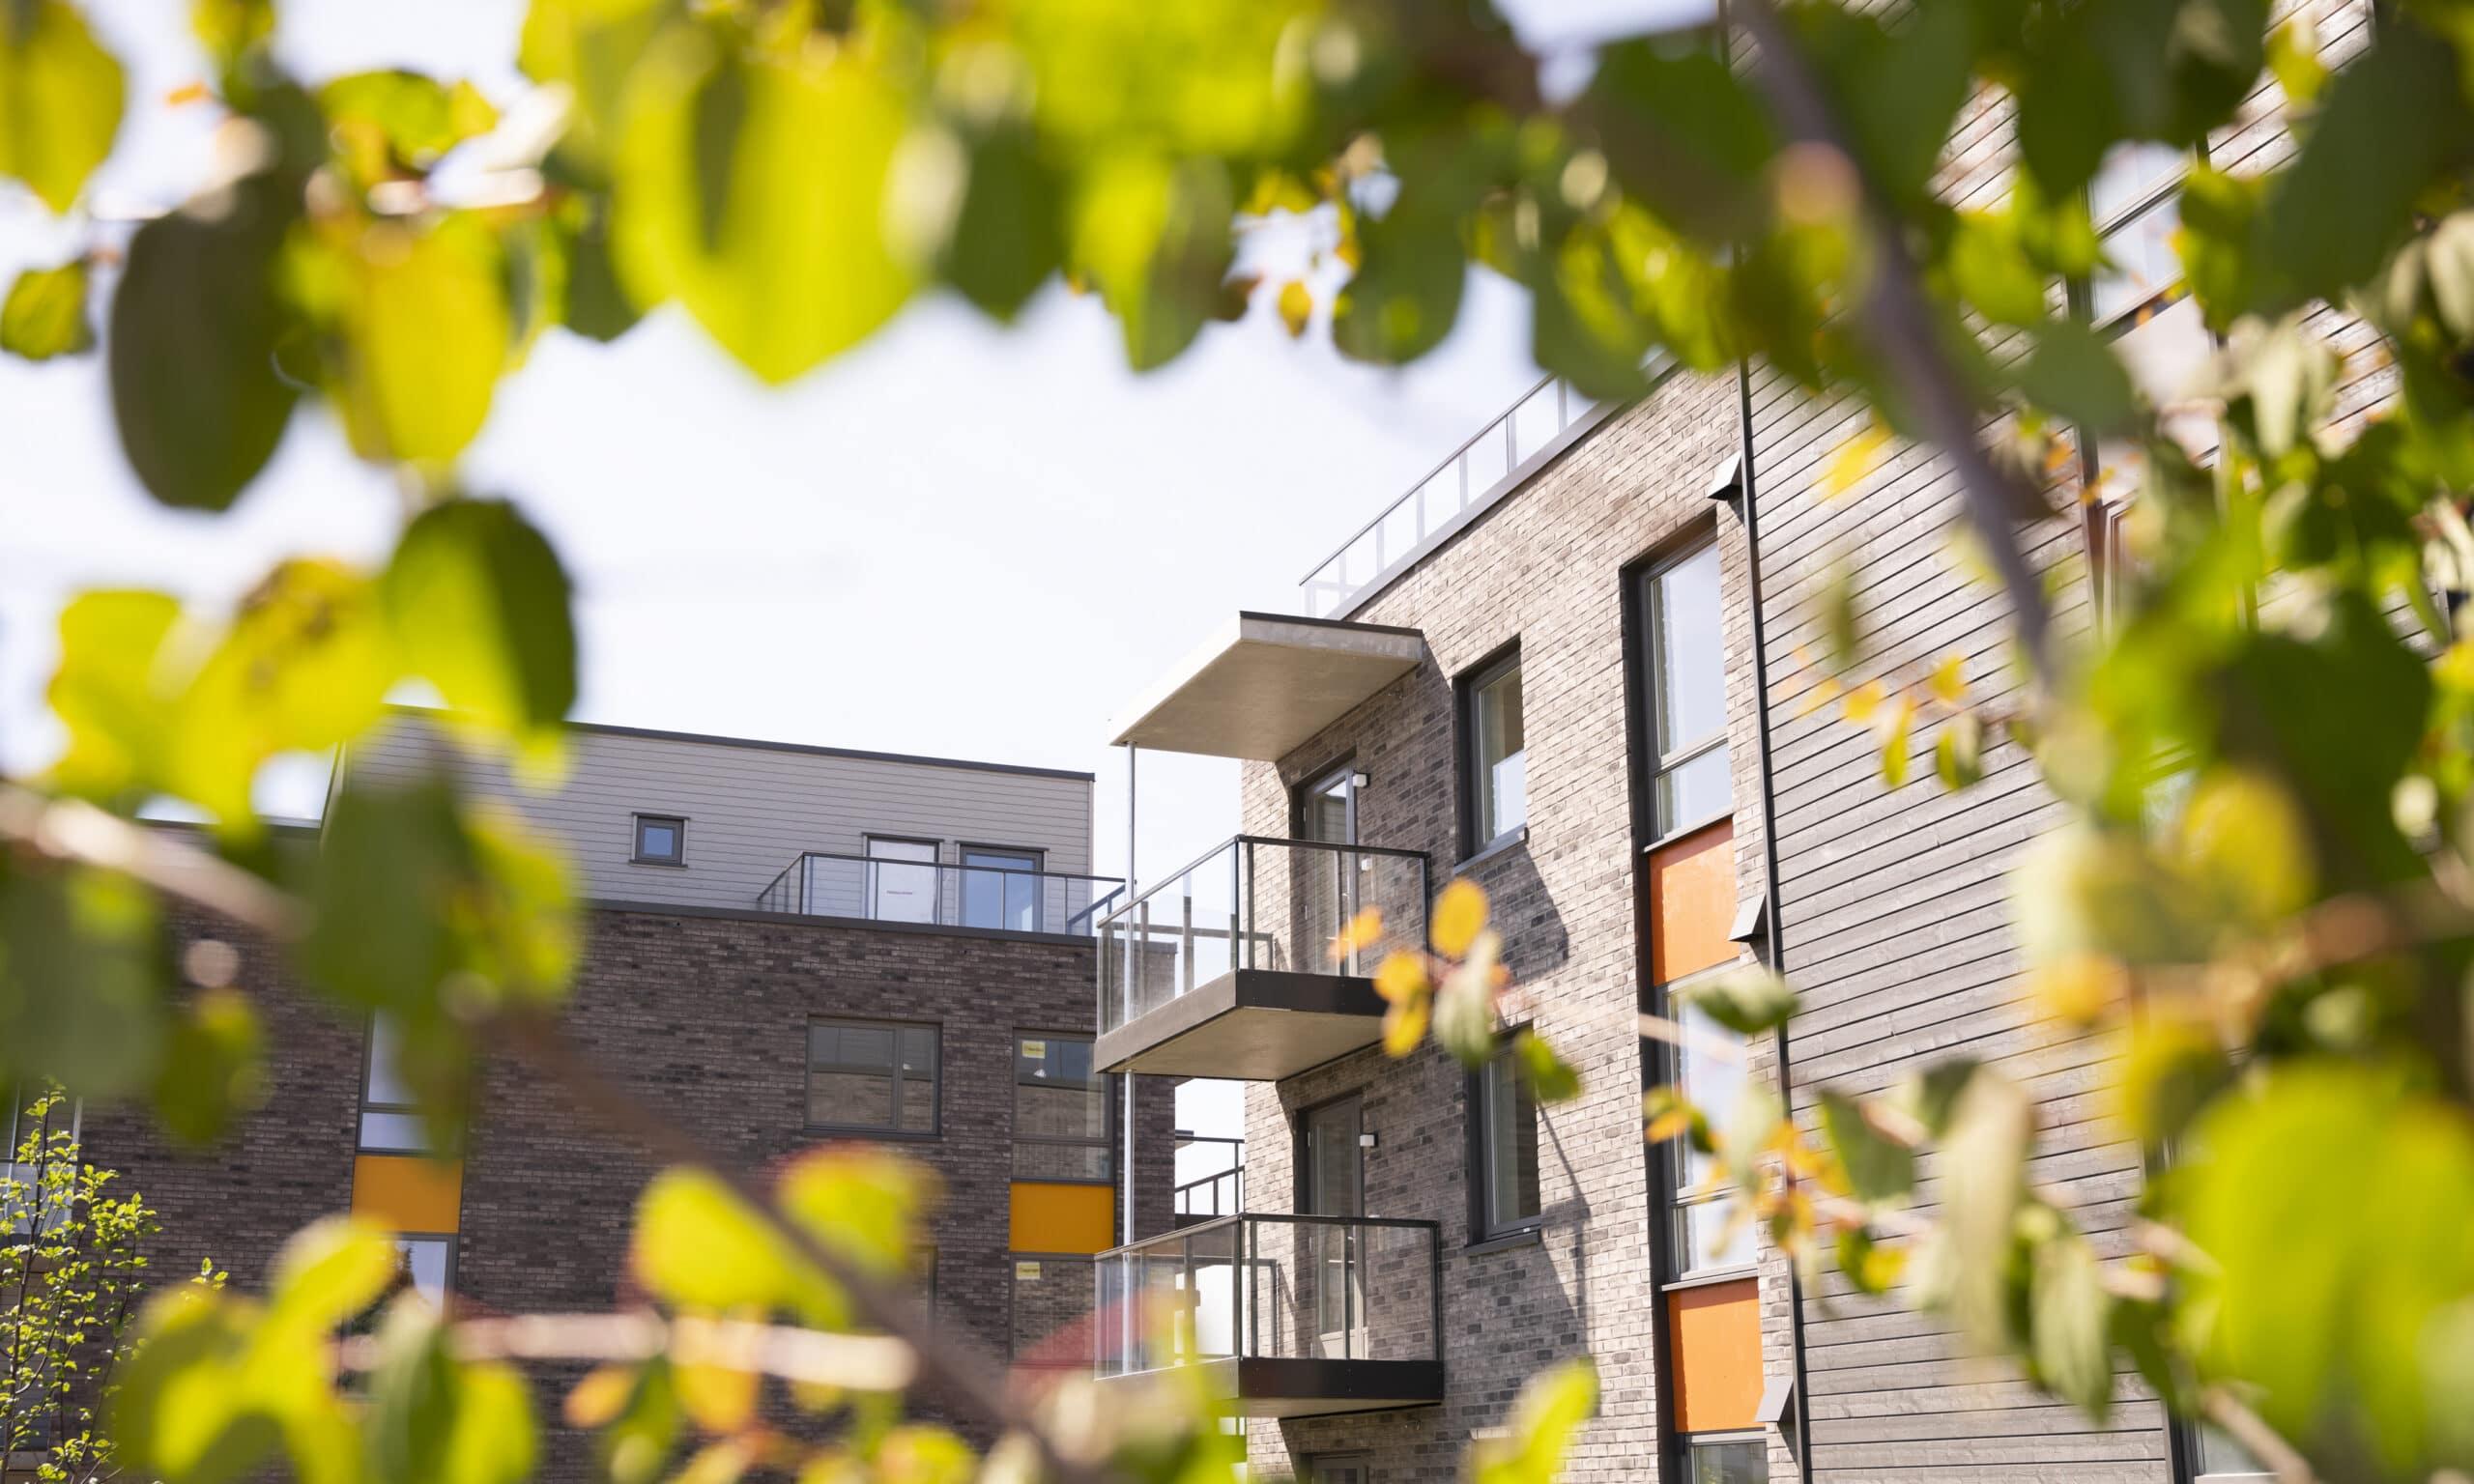 Svanemerkede boliger bygget av JM, Prestrødalleen i Tønsberg.